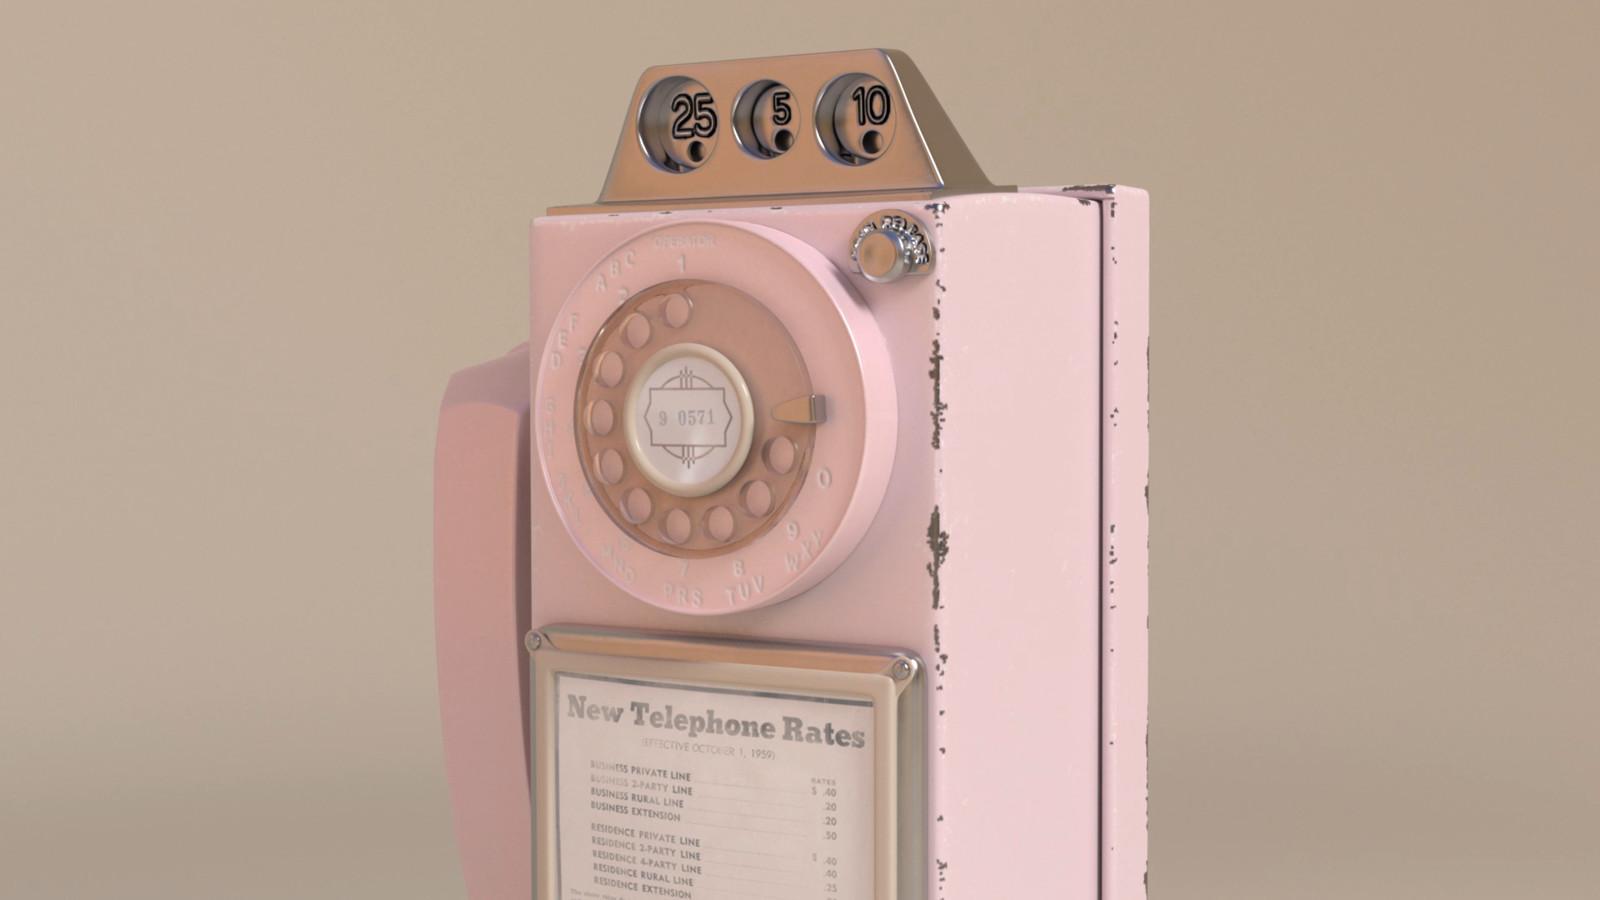 Retro Payphone